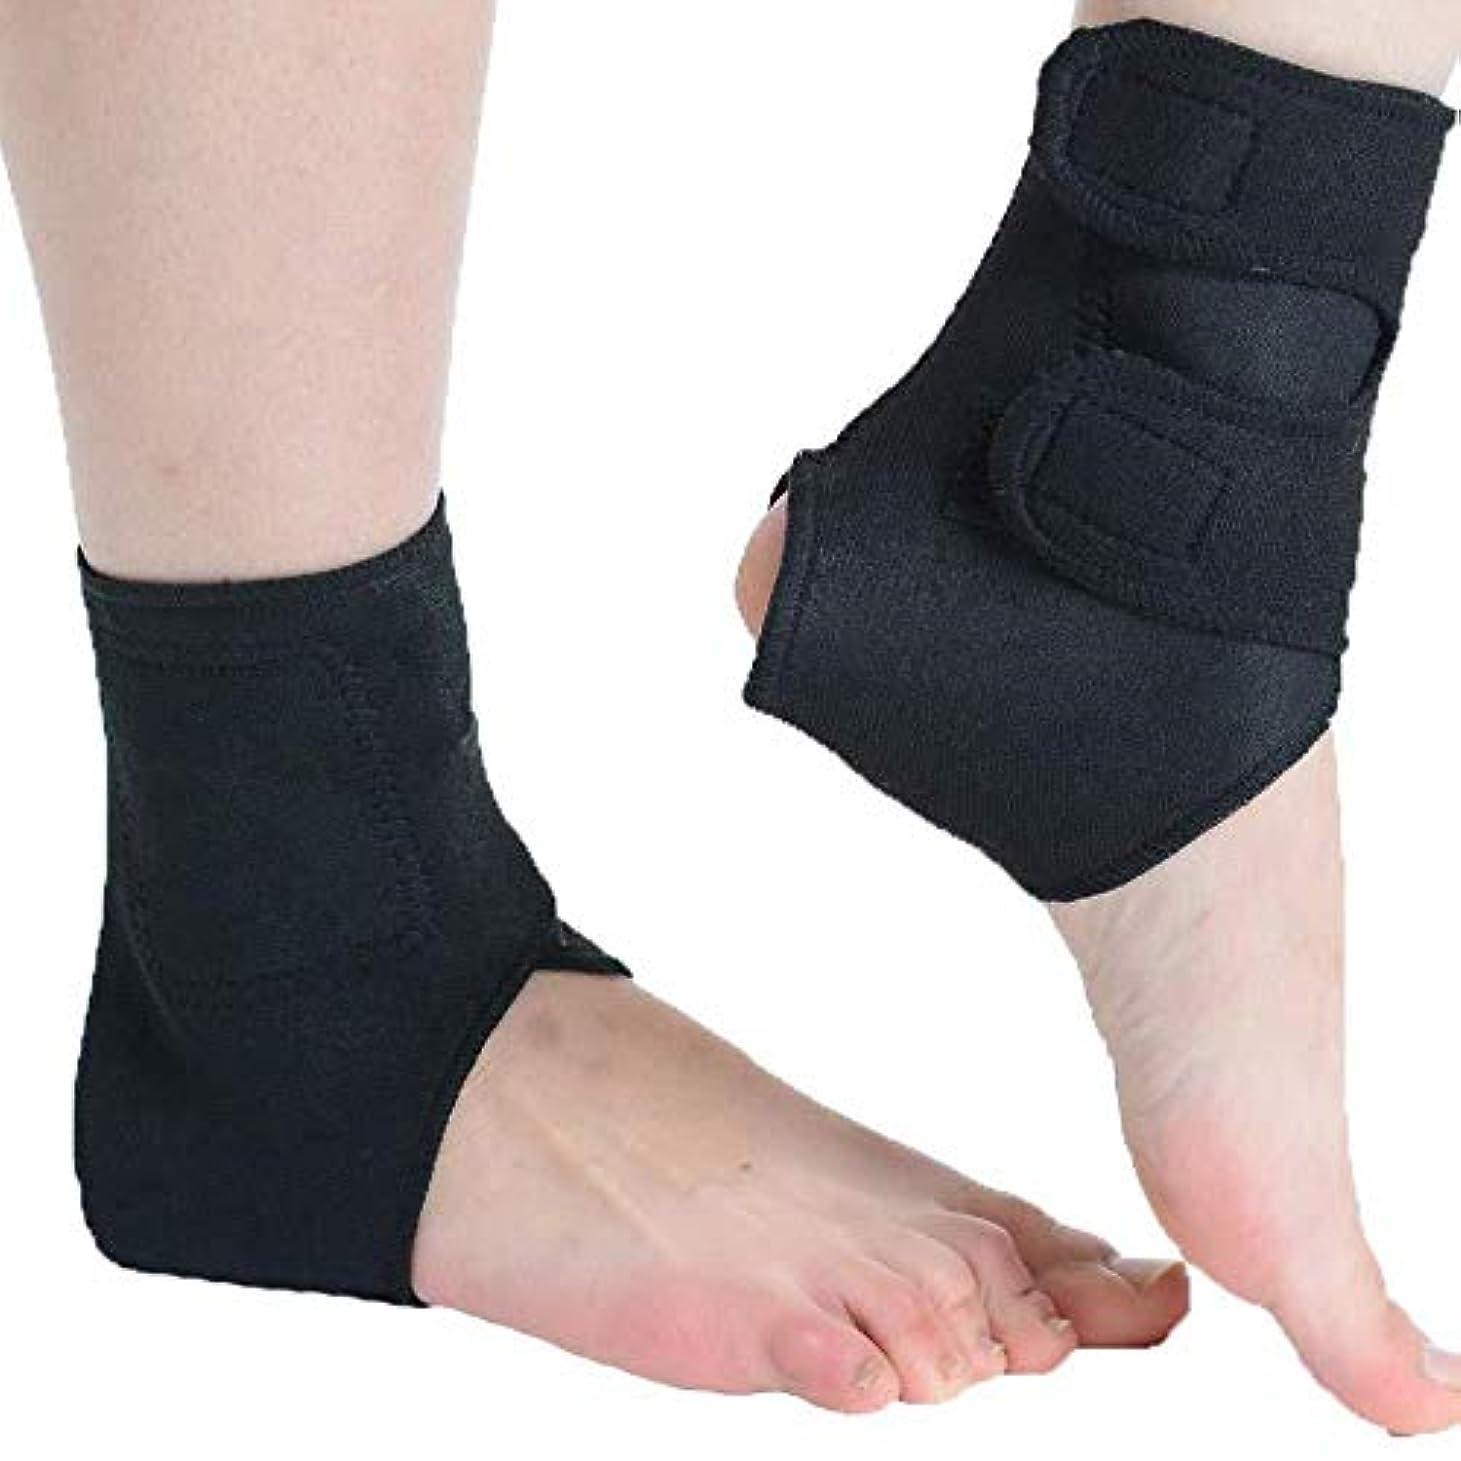 シネウィかわいらしいぴったりつま先セパレーター、歩行、ランニング、休息、つま先パッド用の矯正用つま先セパレーター。足の痛みを和らげます